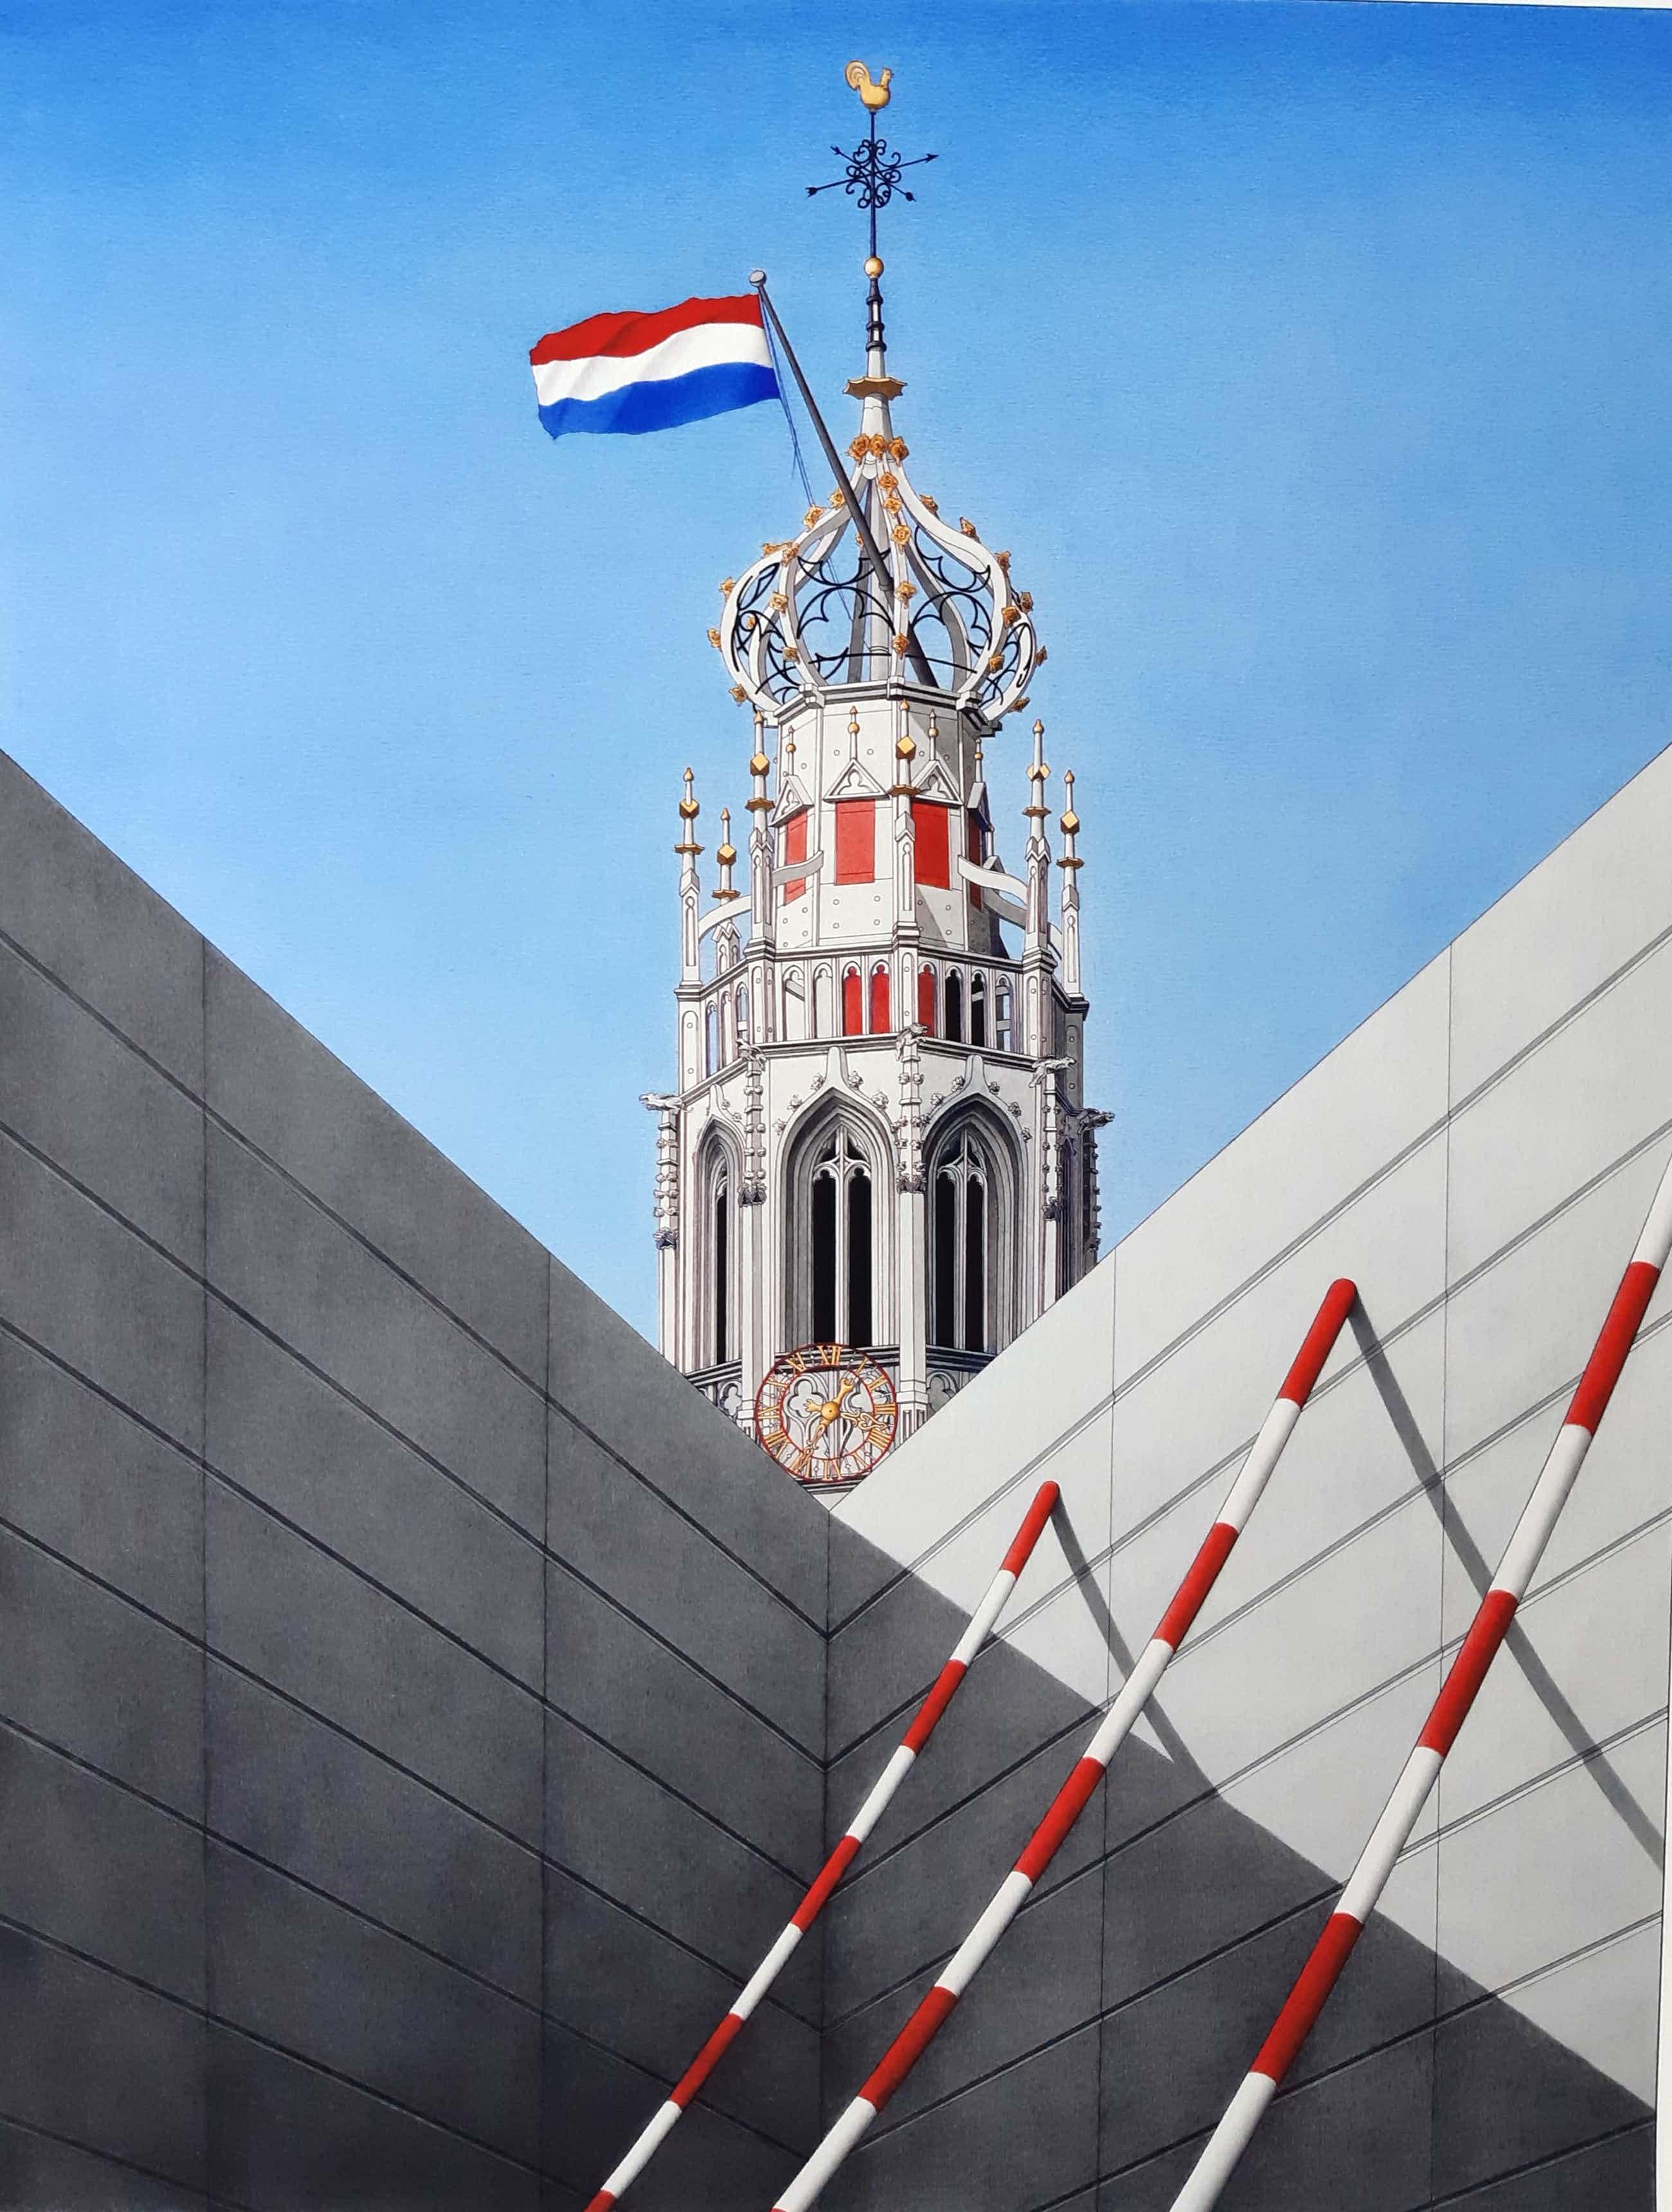 Marinus Fuit - Bakenessertoren, Haarlem kopen? Bied vanaf 46!